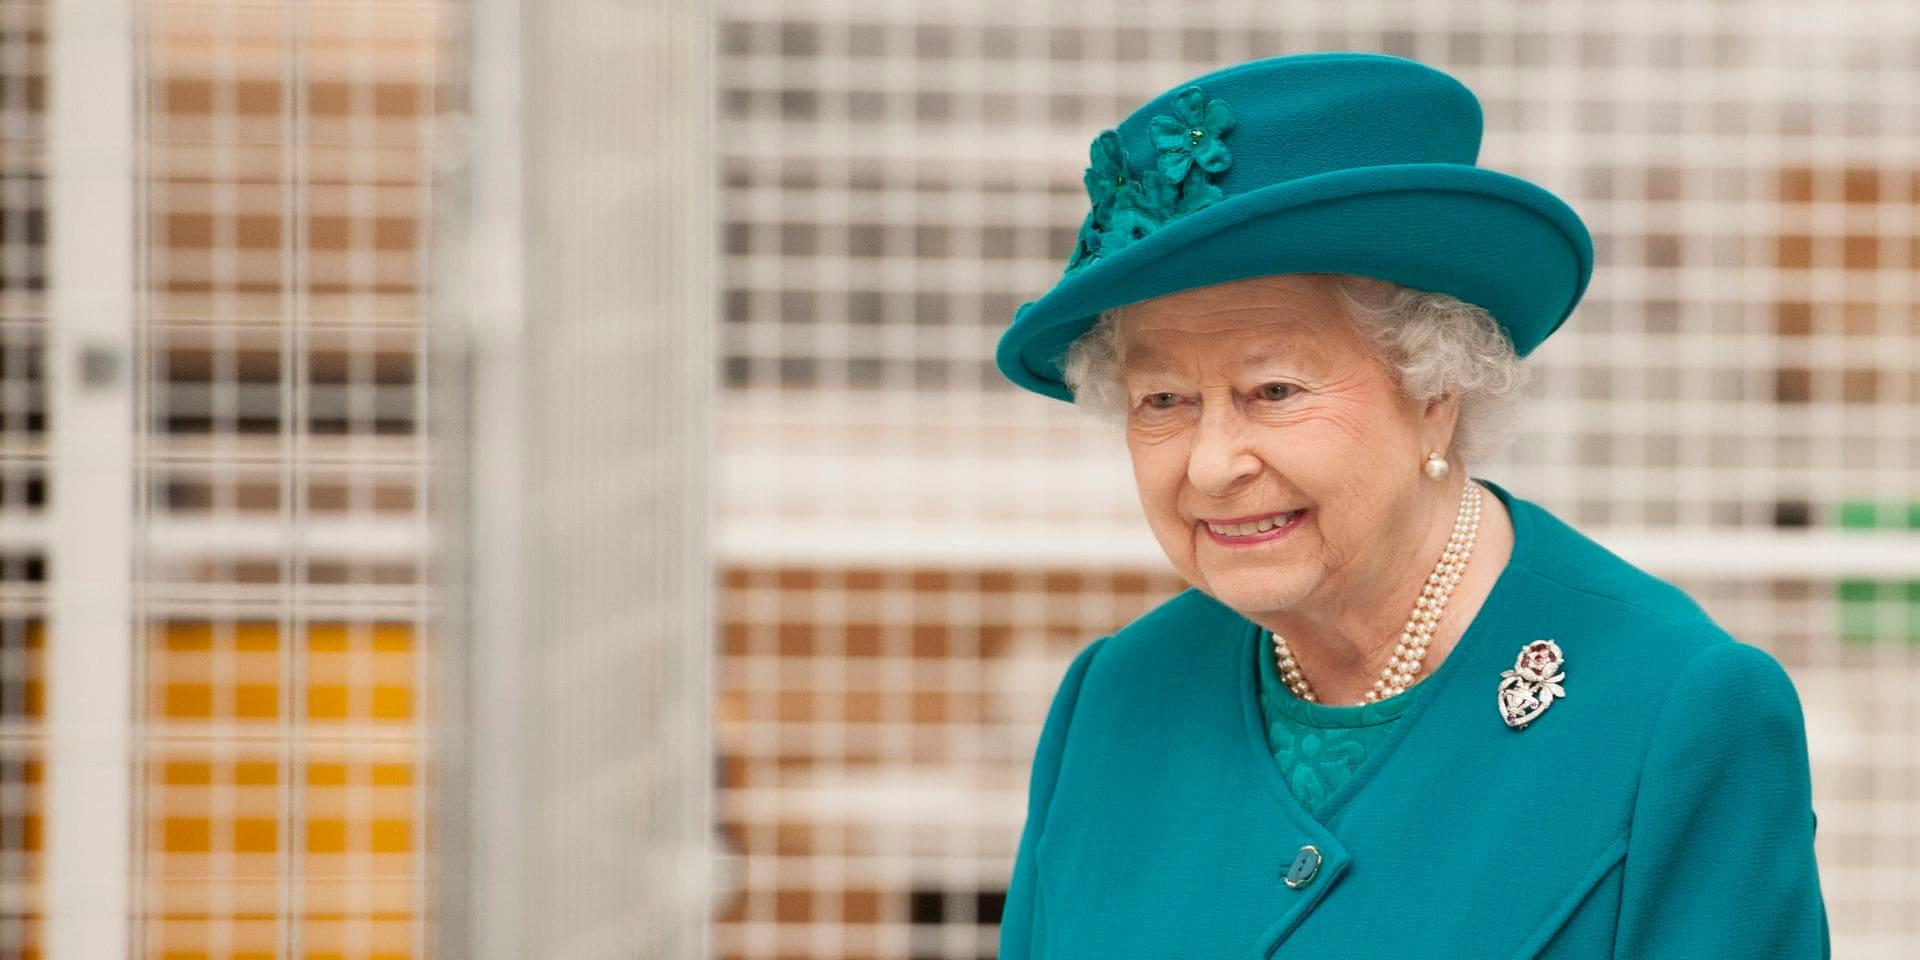 La Reine Elisabeth II signe pour la première fois une publication Instagram